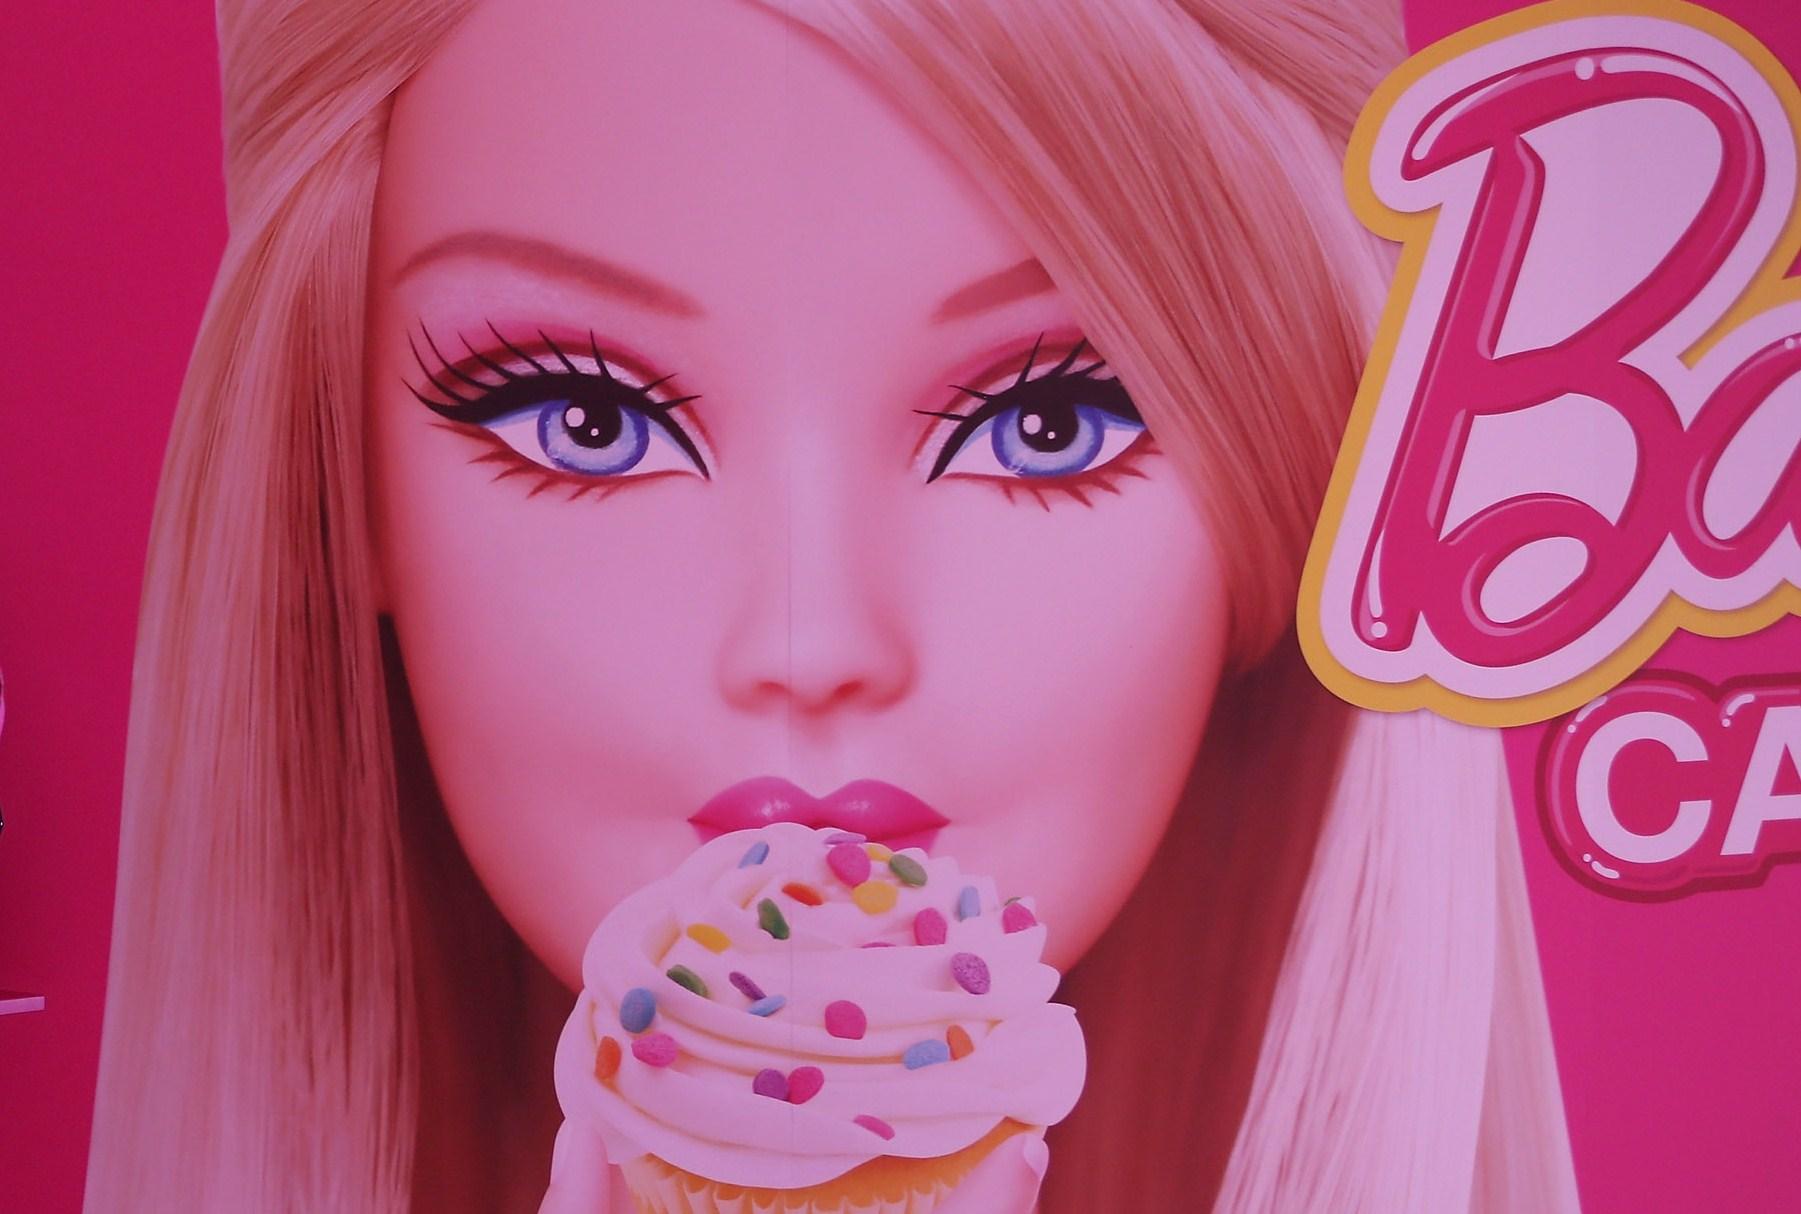 La Barbie è in crisi, calano le vendite di Mattel